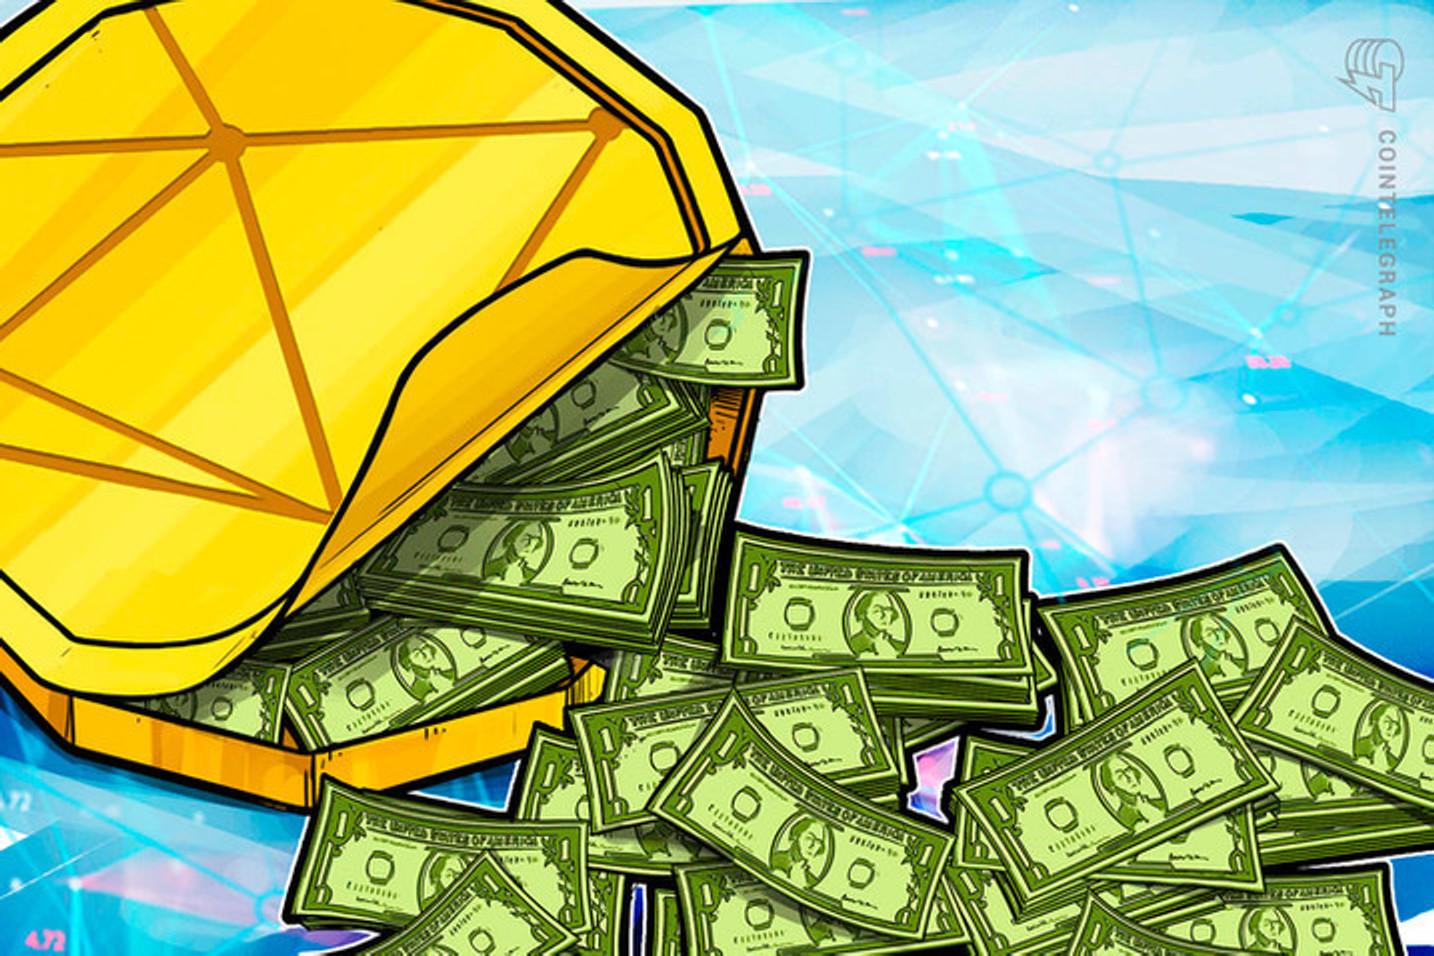 'Fim do Boleto': Volume de negociação com o Pix bate R$ 1 trilhão em 5 meses e Banco Central lança o Pix Cobrança